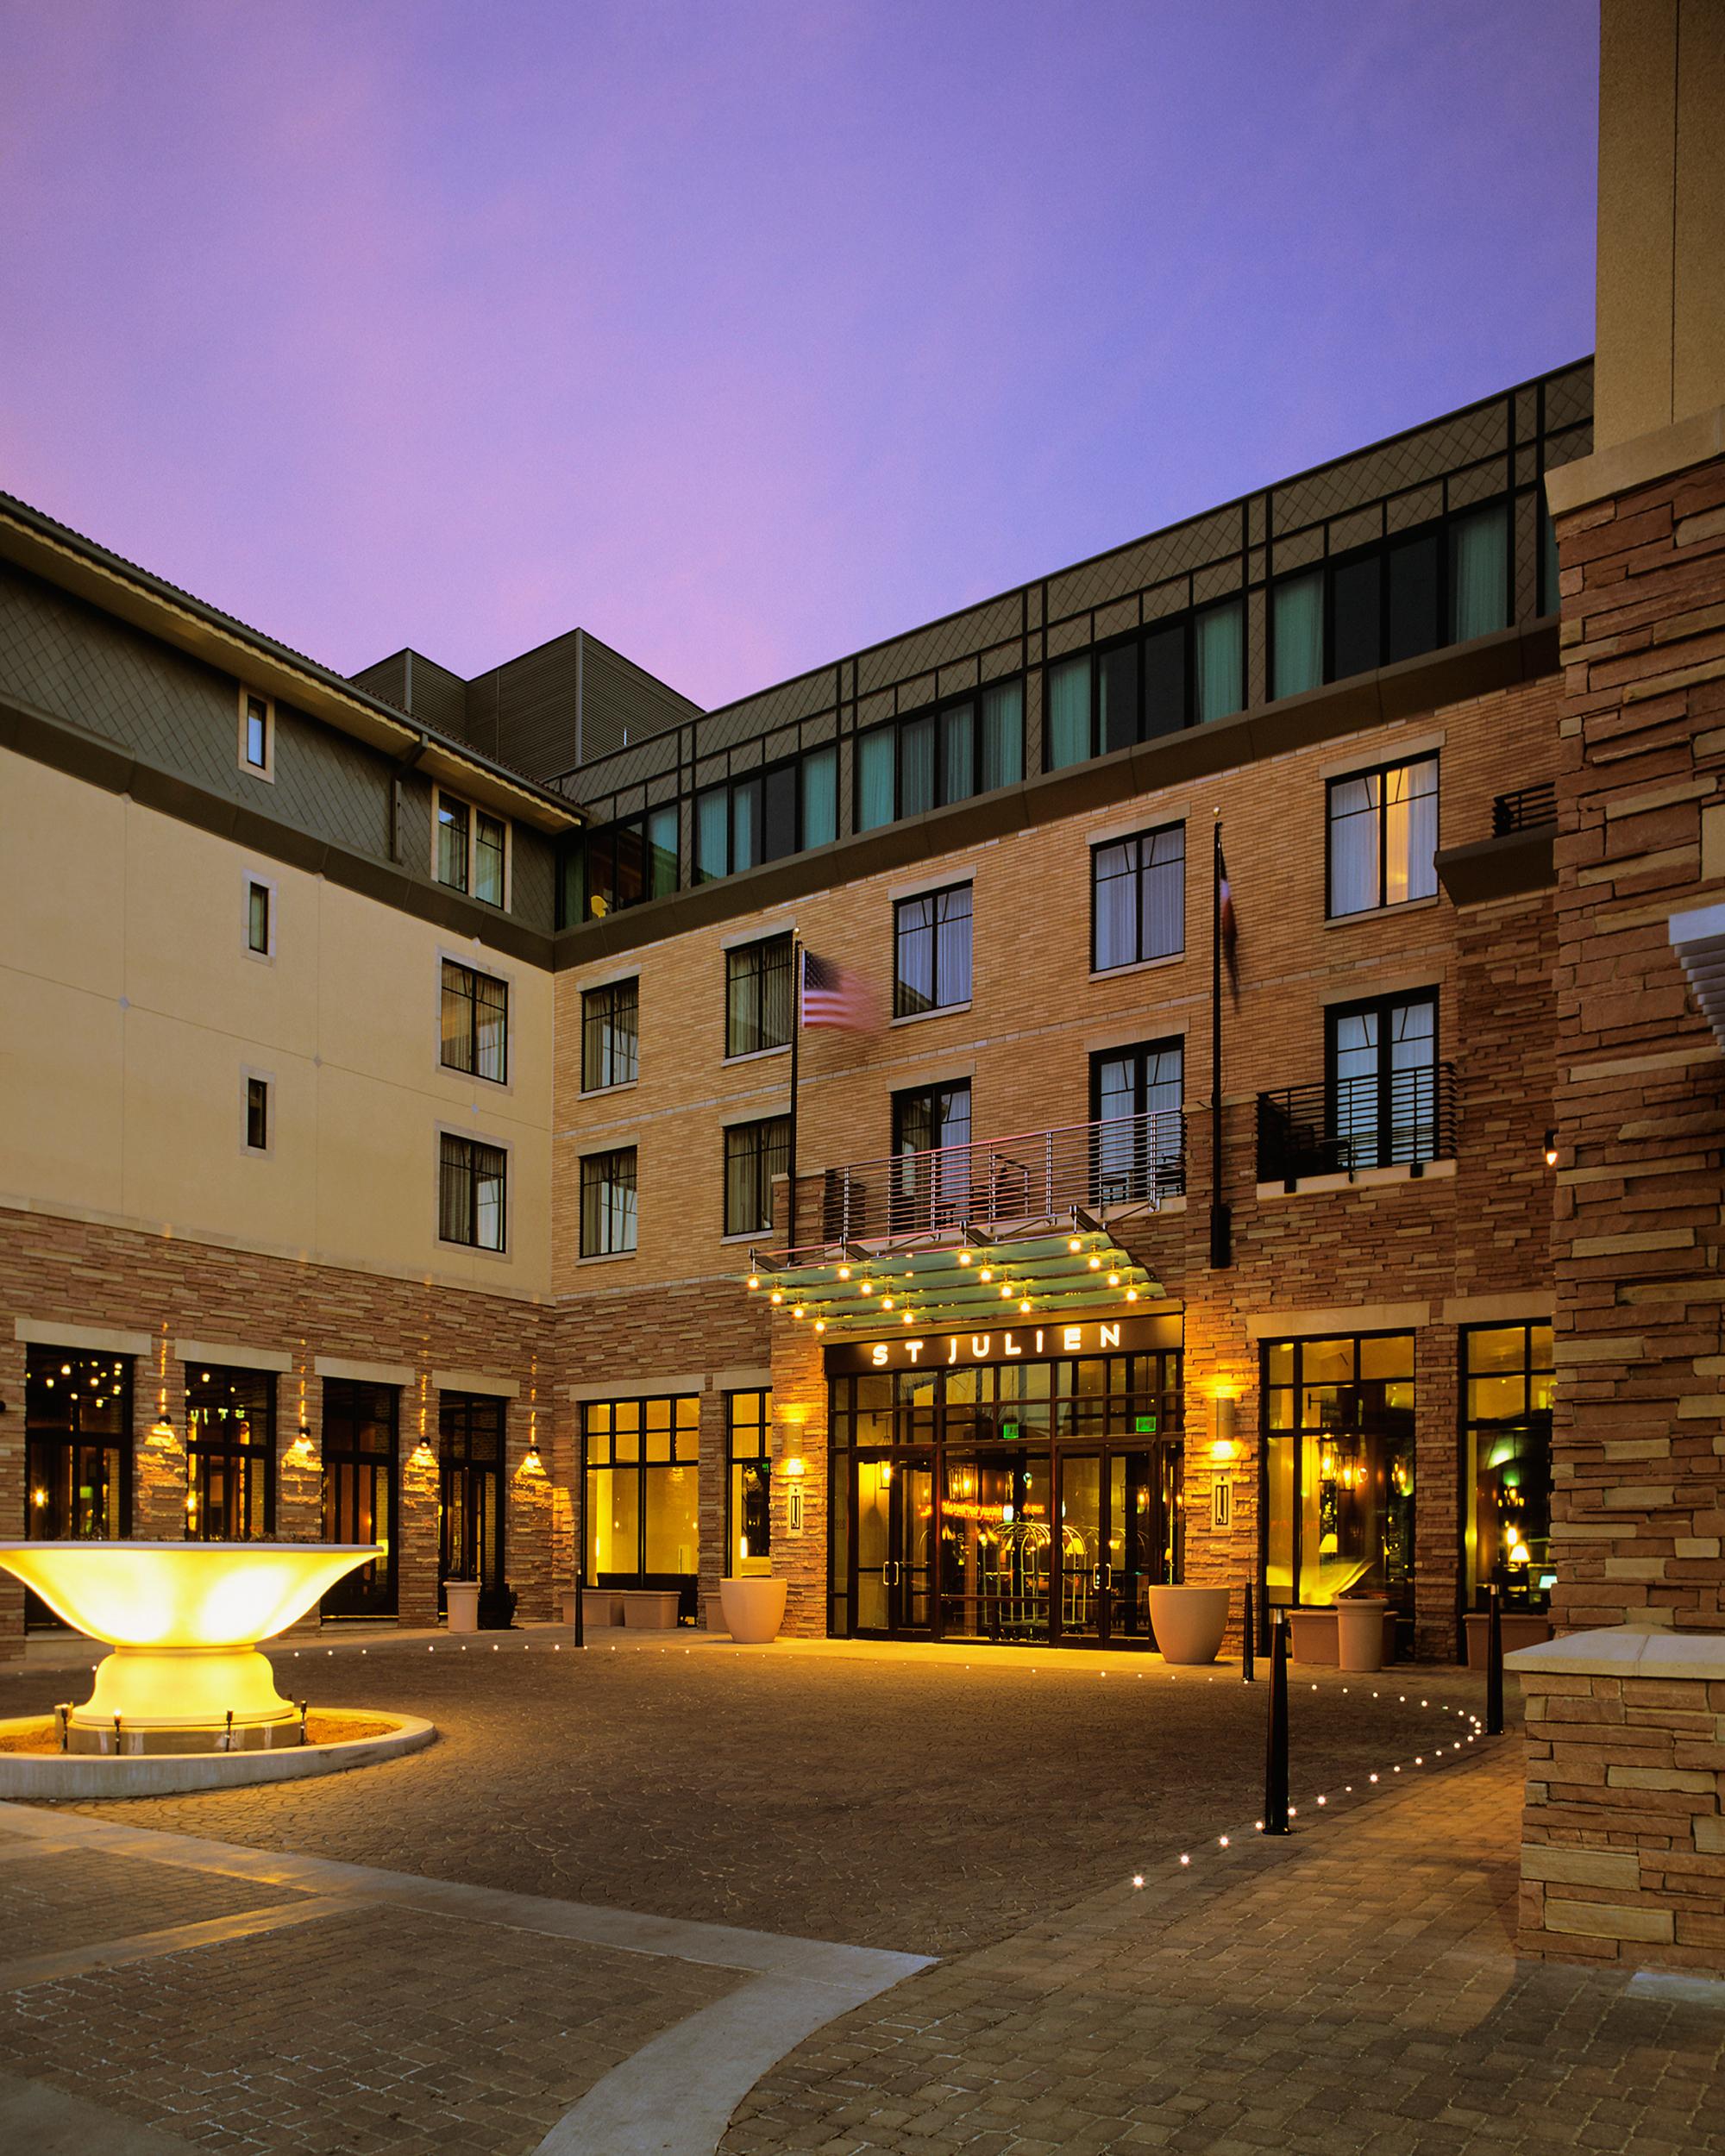 st_julien_hotel_boulder_colorado_sunset_entry.jpg